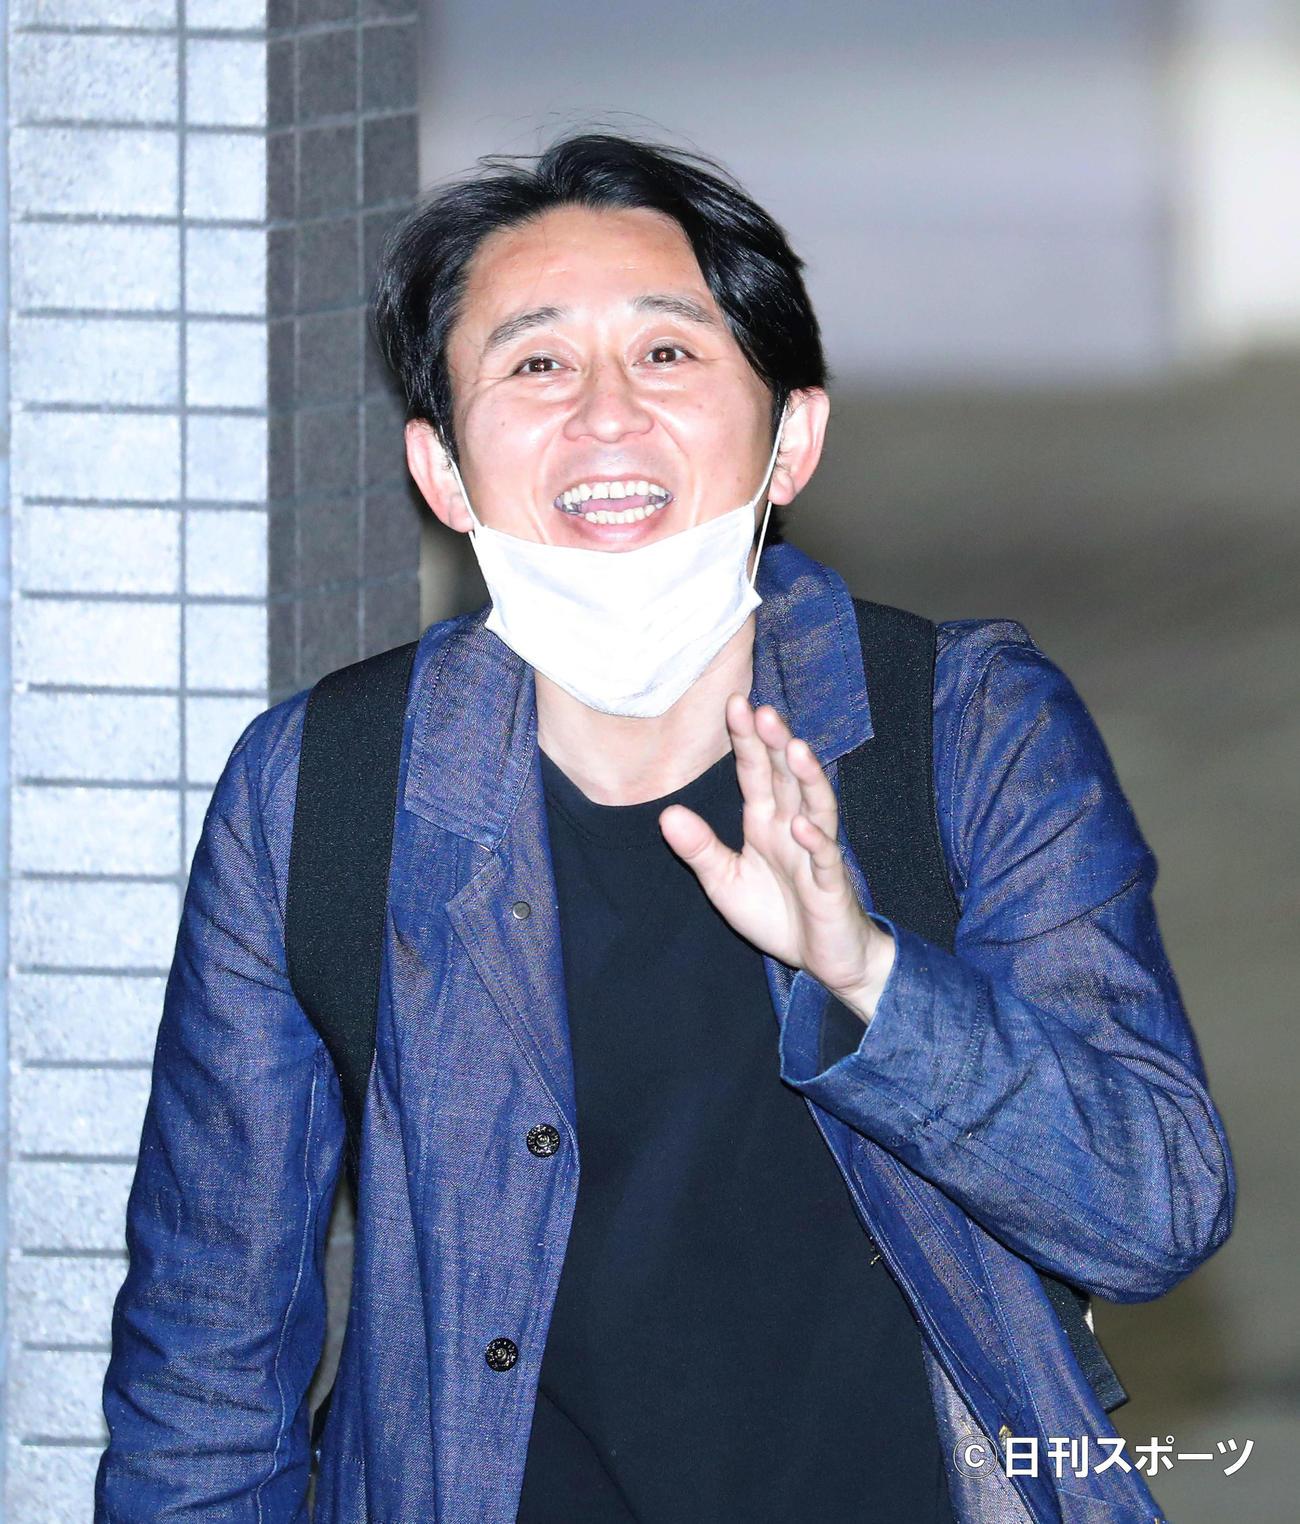 有吉弘行(2021年4月4日撮影)